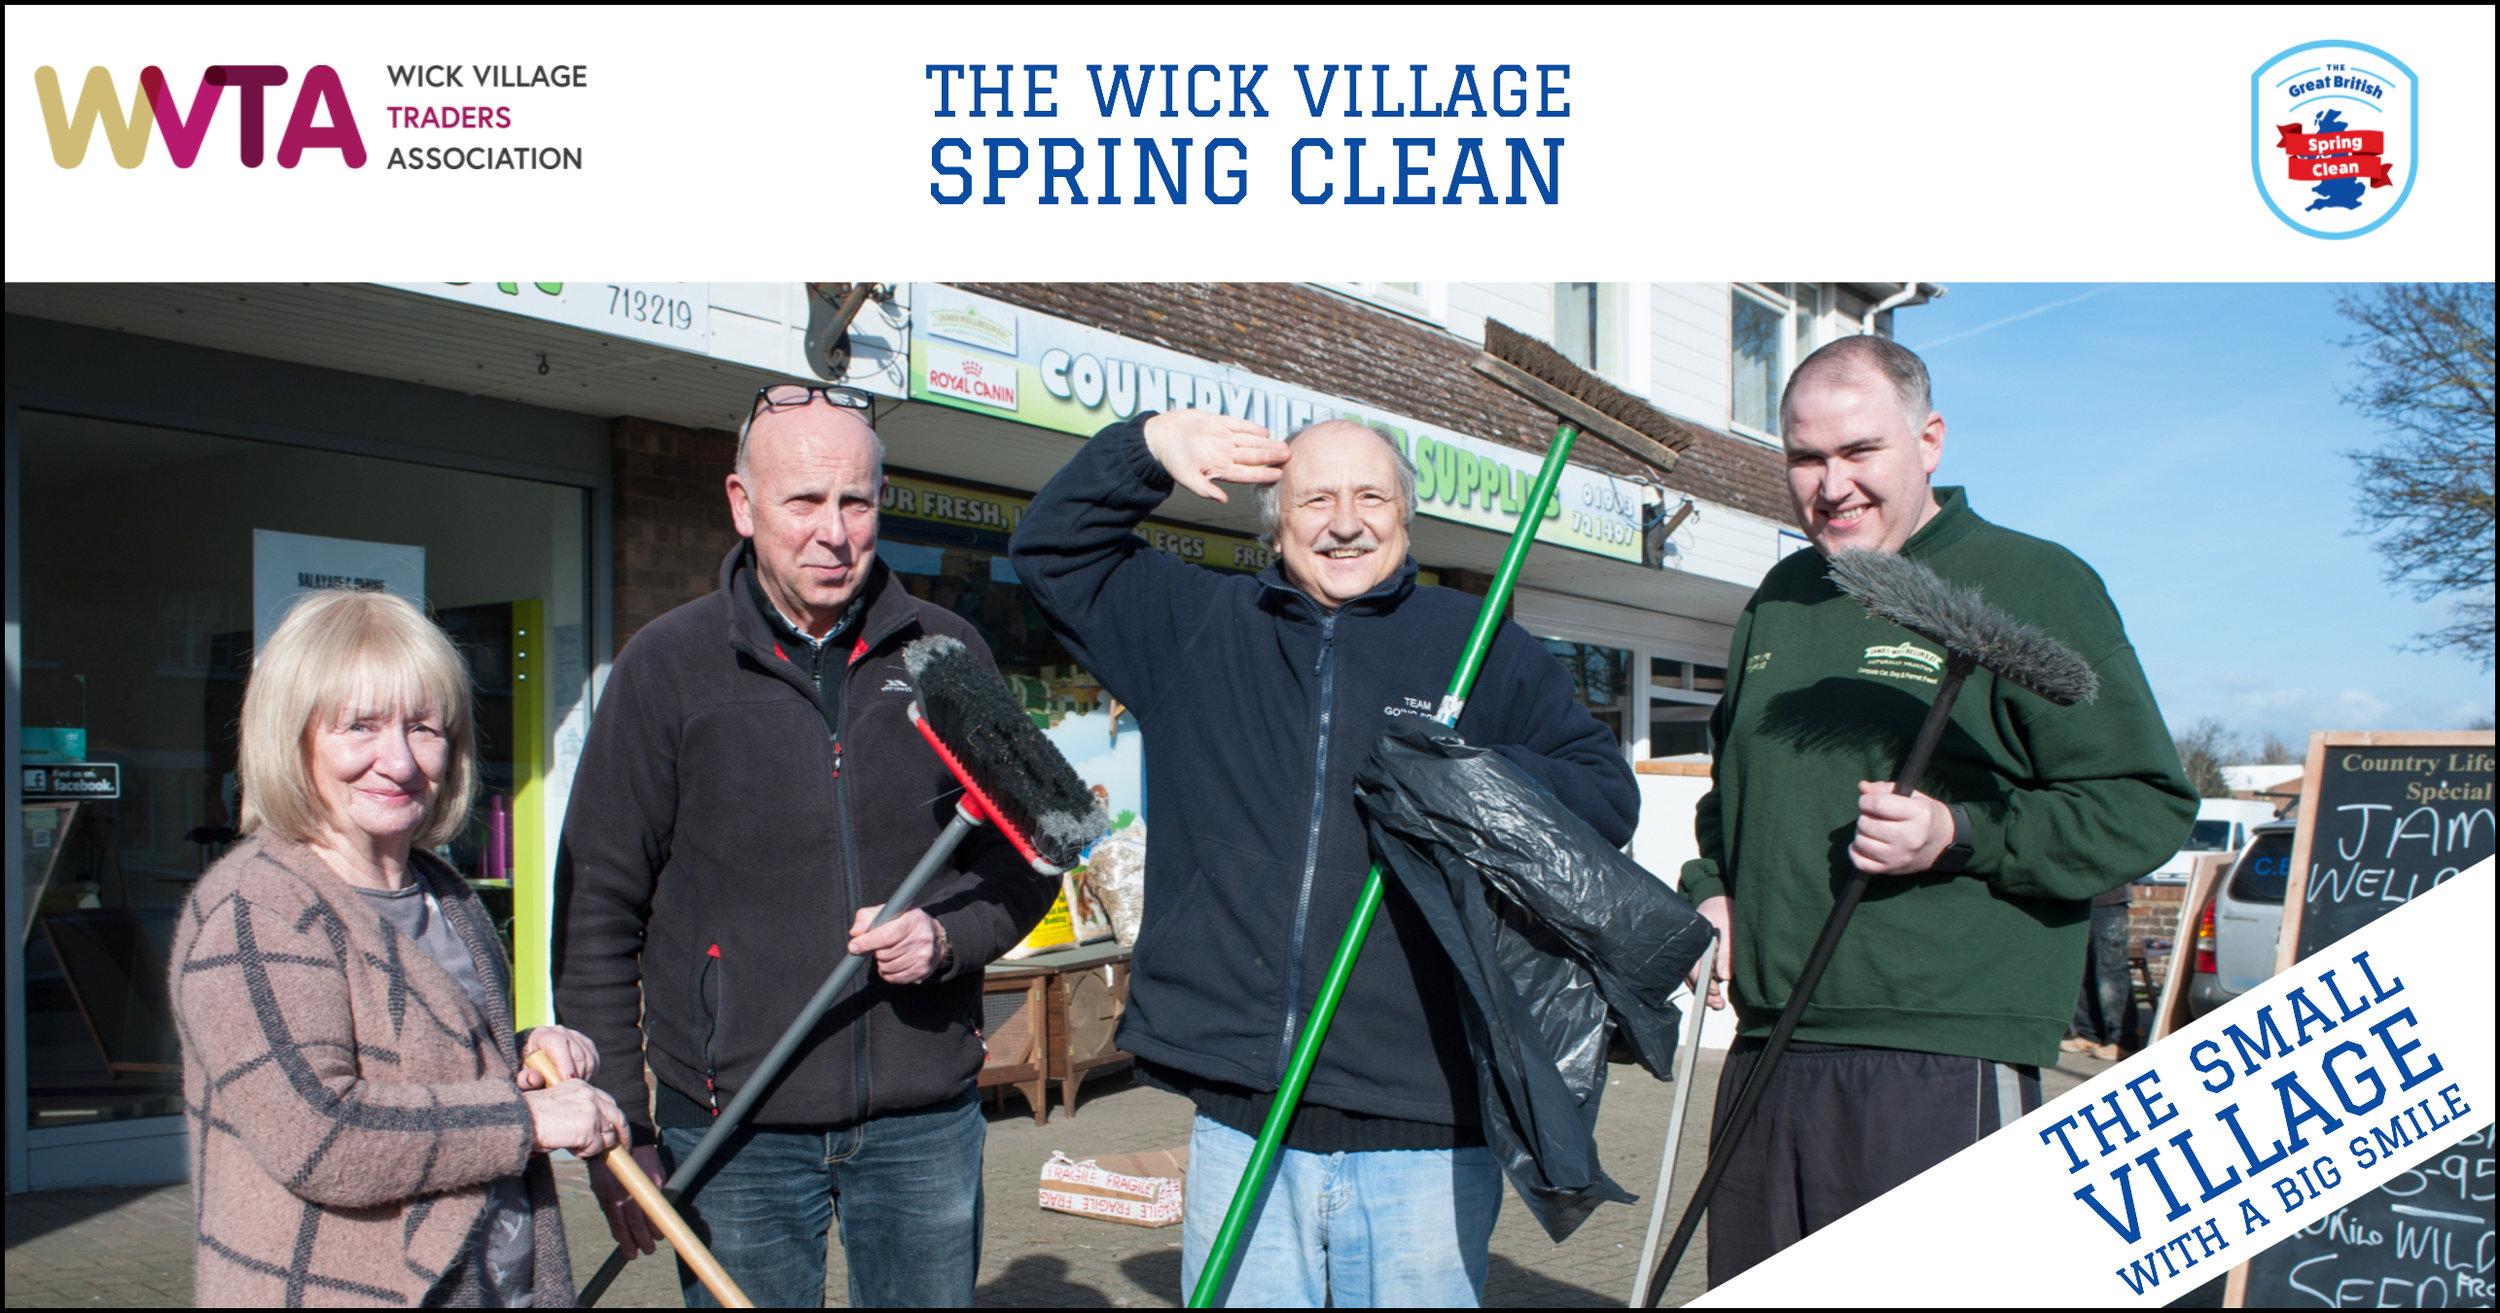 WVT Great British Spring Clean Wick Village Border.jpg